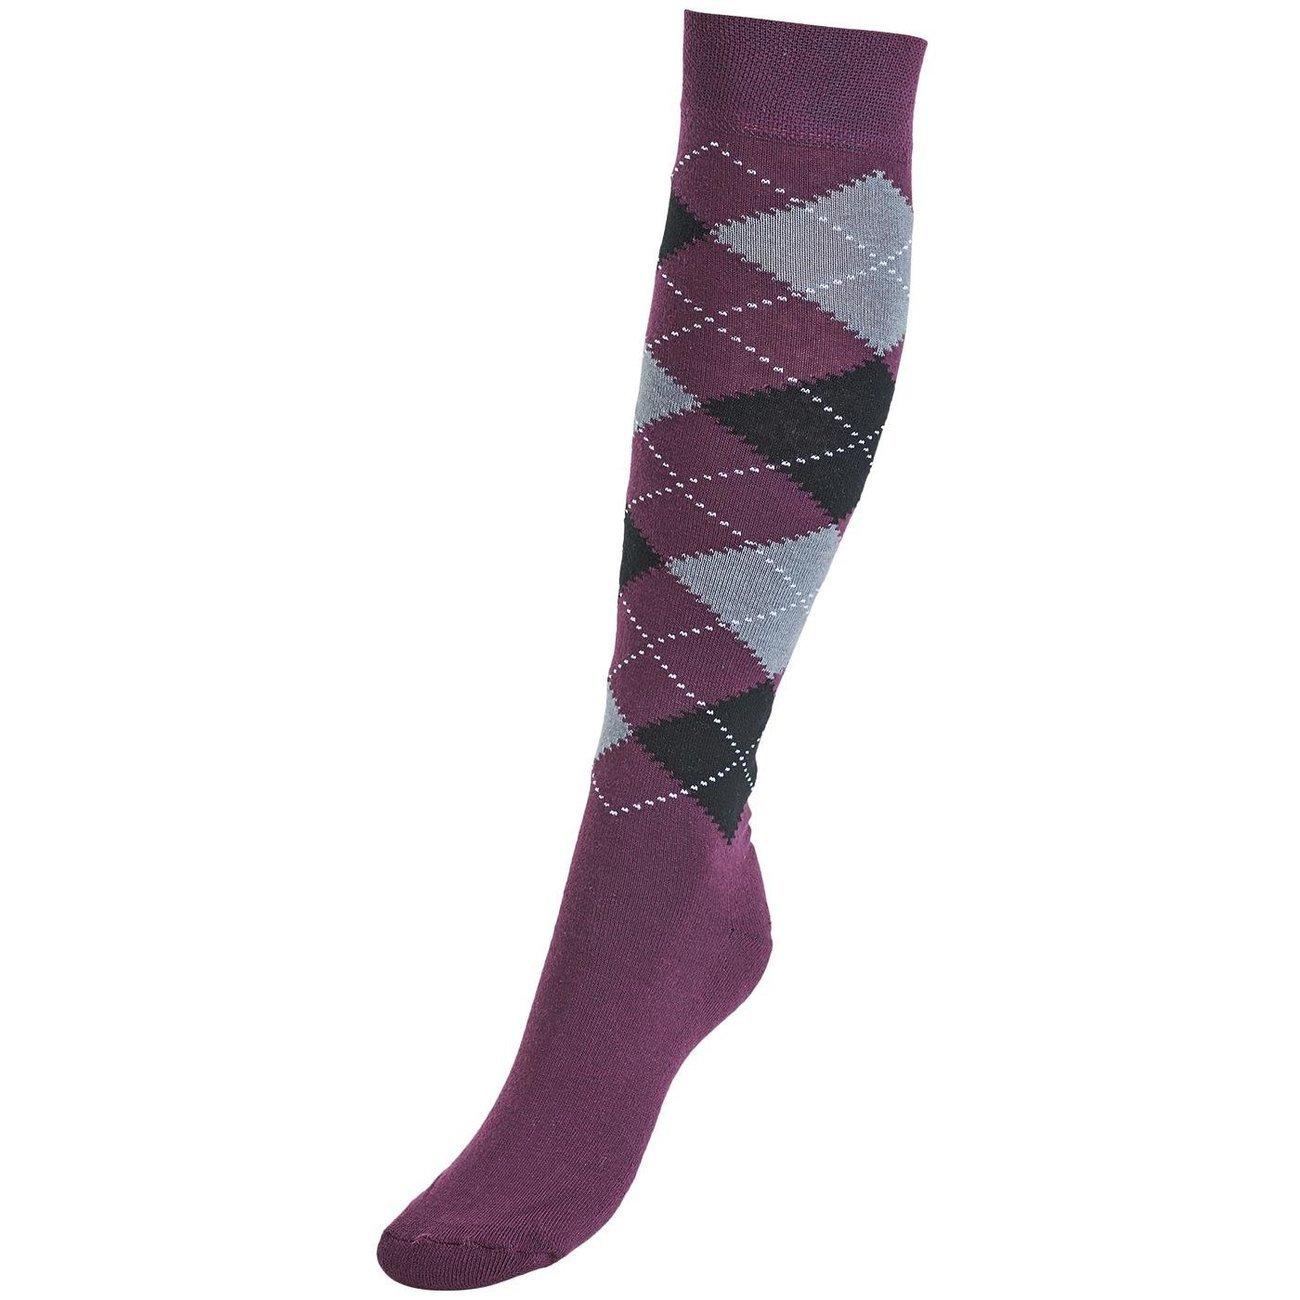 BUSSE Socken Comfort Karo III, Gr. 31 - 34 - plum/black/grey